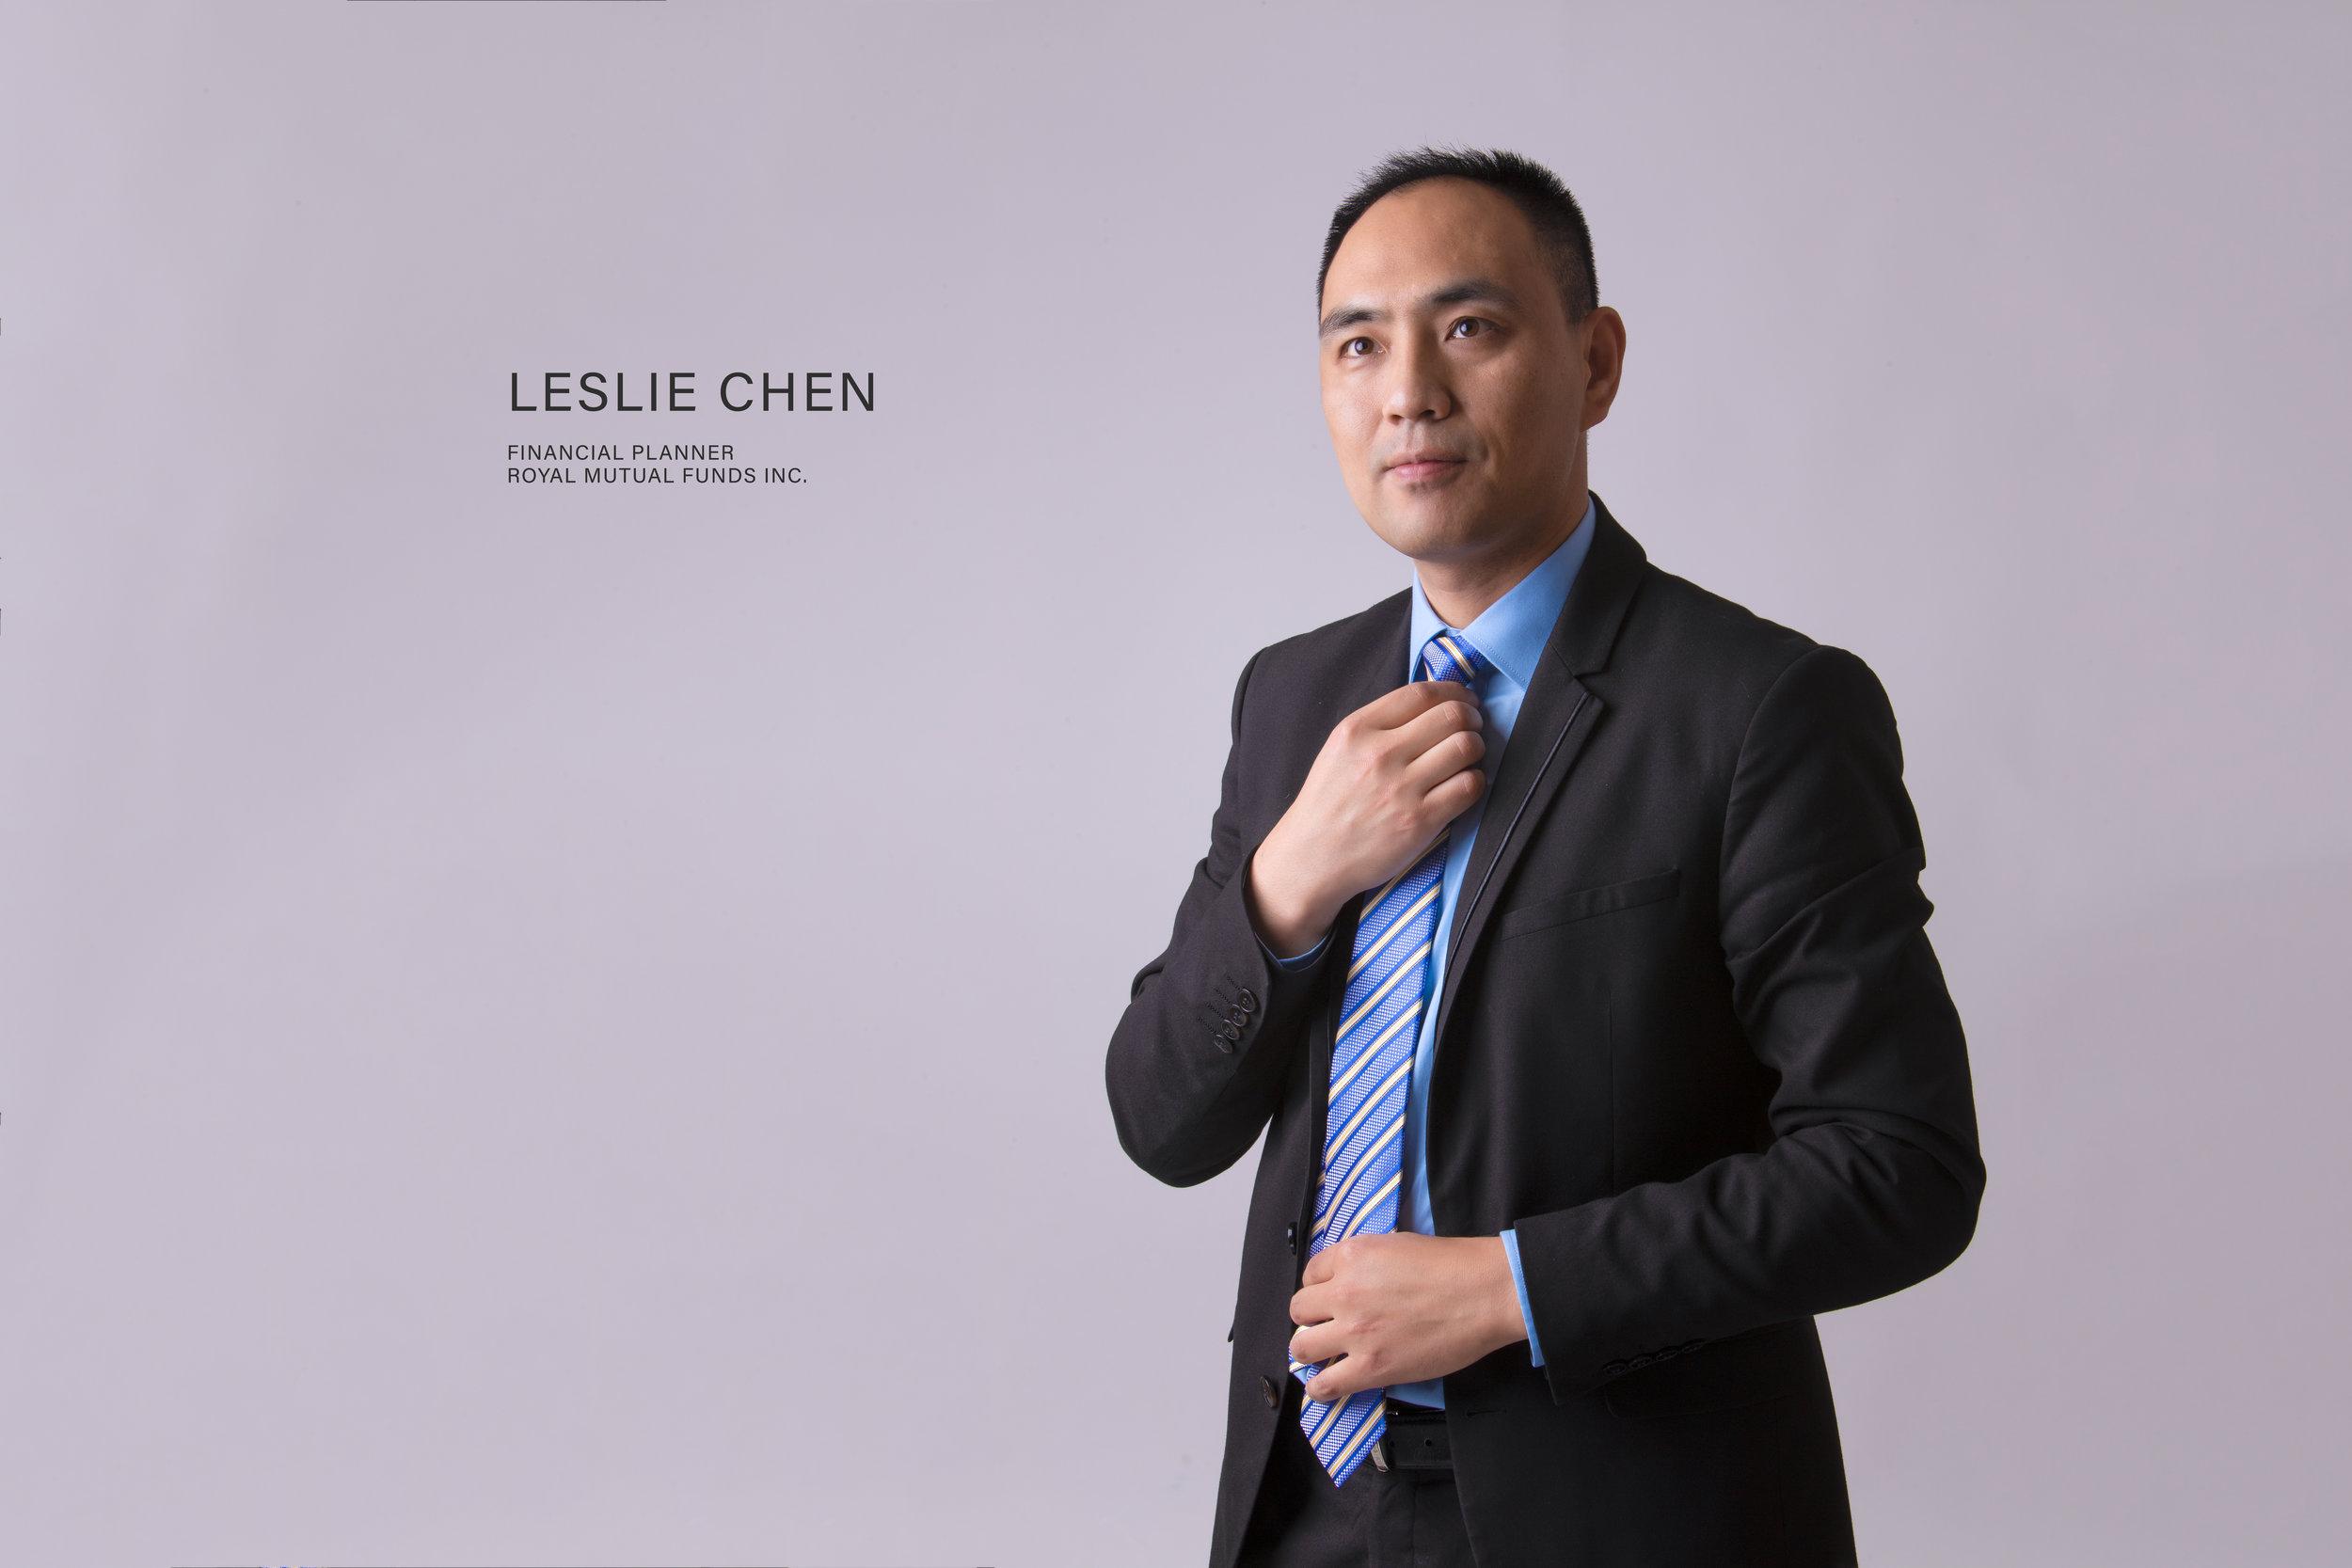 LeslieChen.jpg